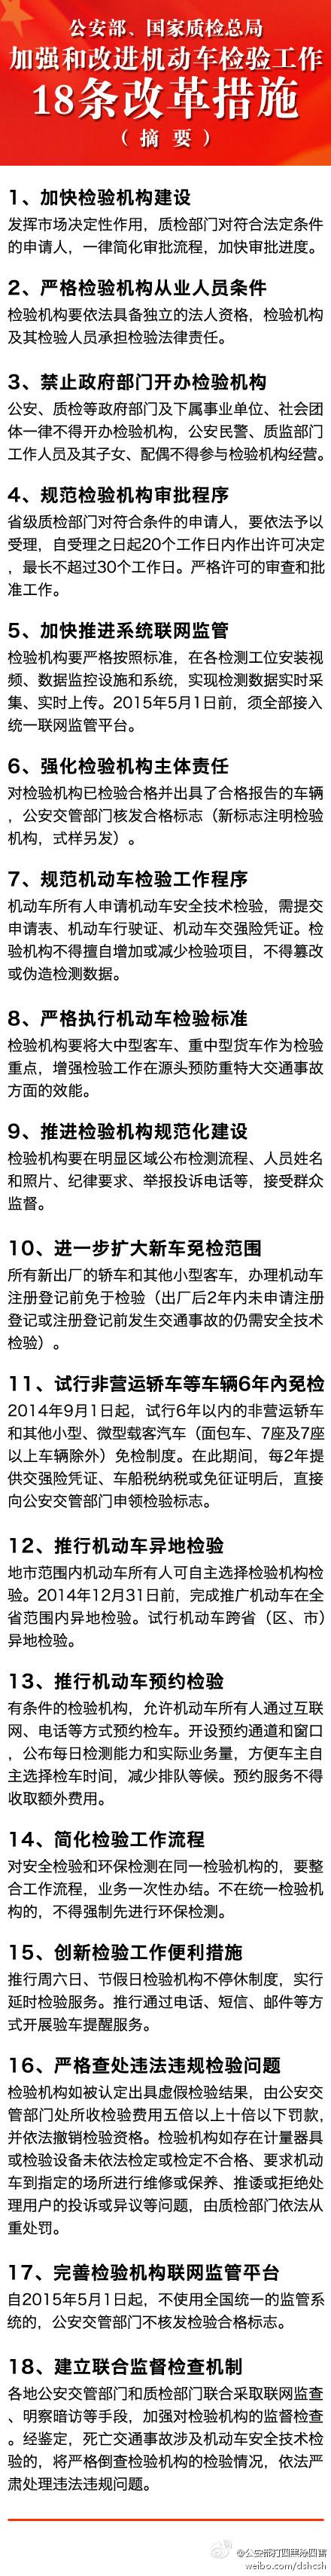 车检改革18项新政